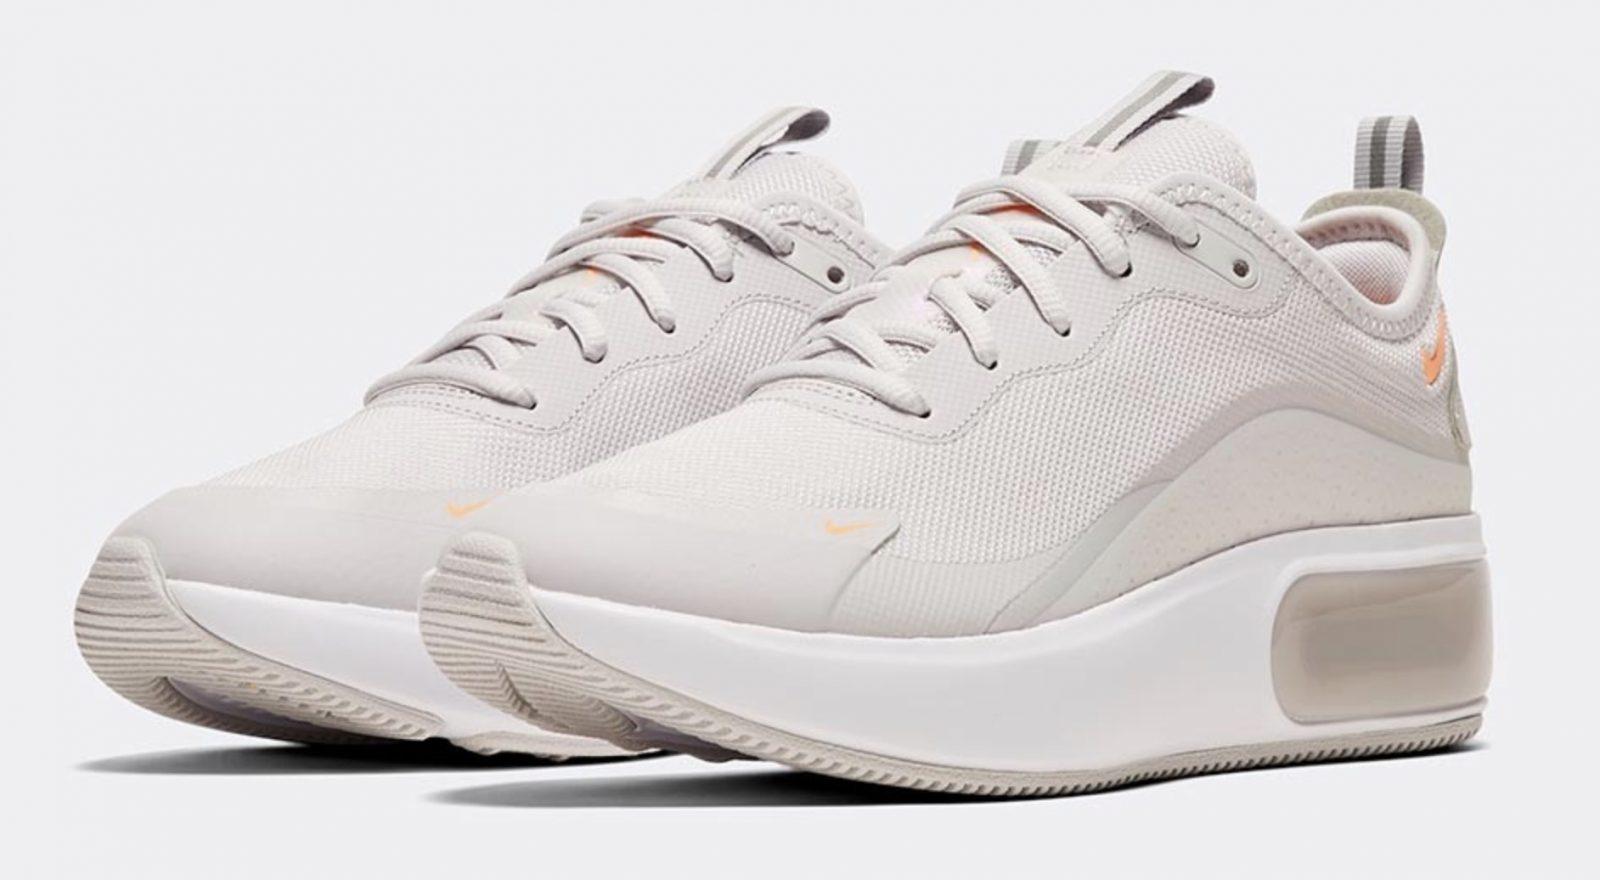 Nike Air Max Dia Grey Orange 4